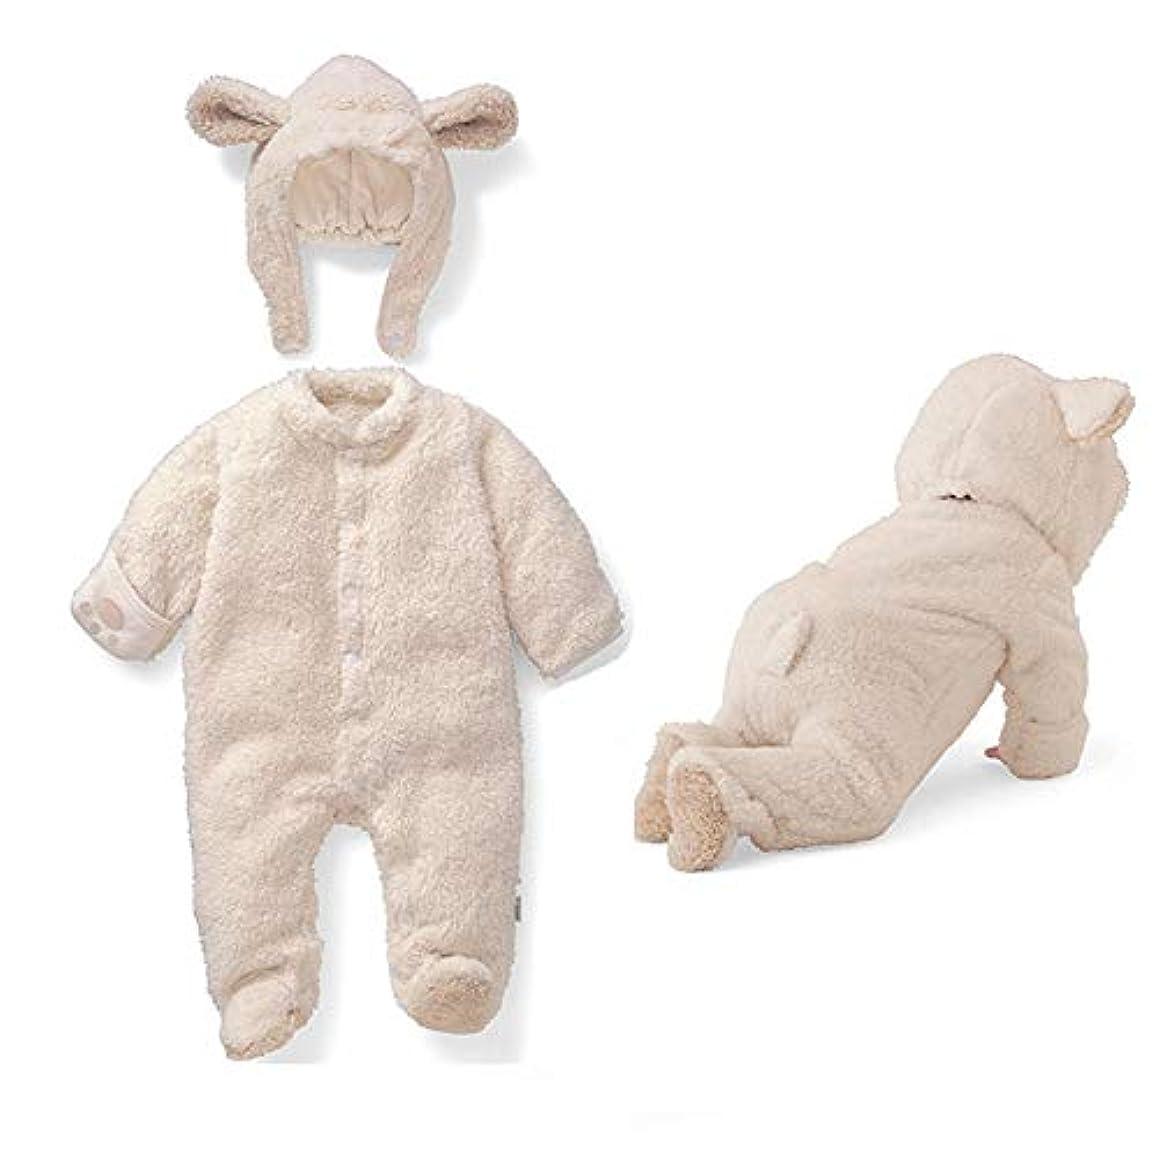 受け継ぐ教育する透けて見えるNeky ベビー 着ぐるみ ロンパース 新生児 パジャマ カバーオール 女の子 男の子 動物 防寒着 コスチューム 73cm